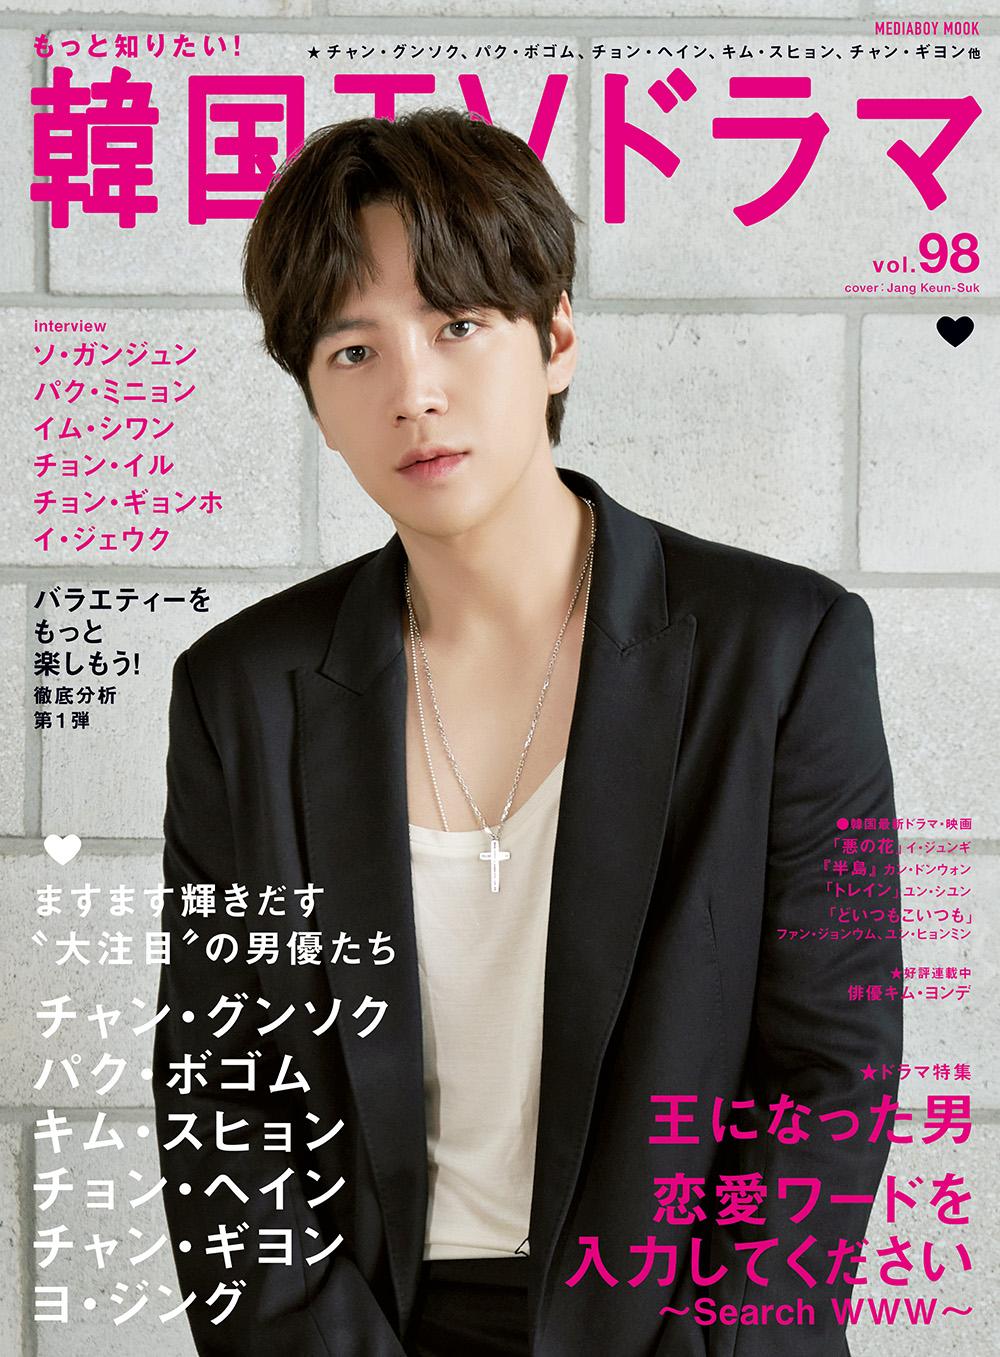 『もっと知りたい! 韓国TVドラマ vol.98』表紙画像